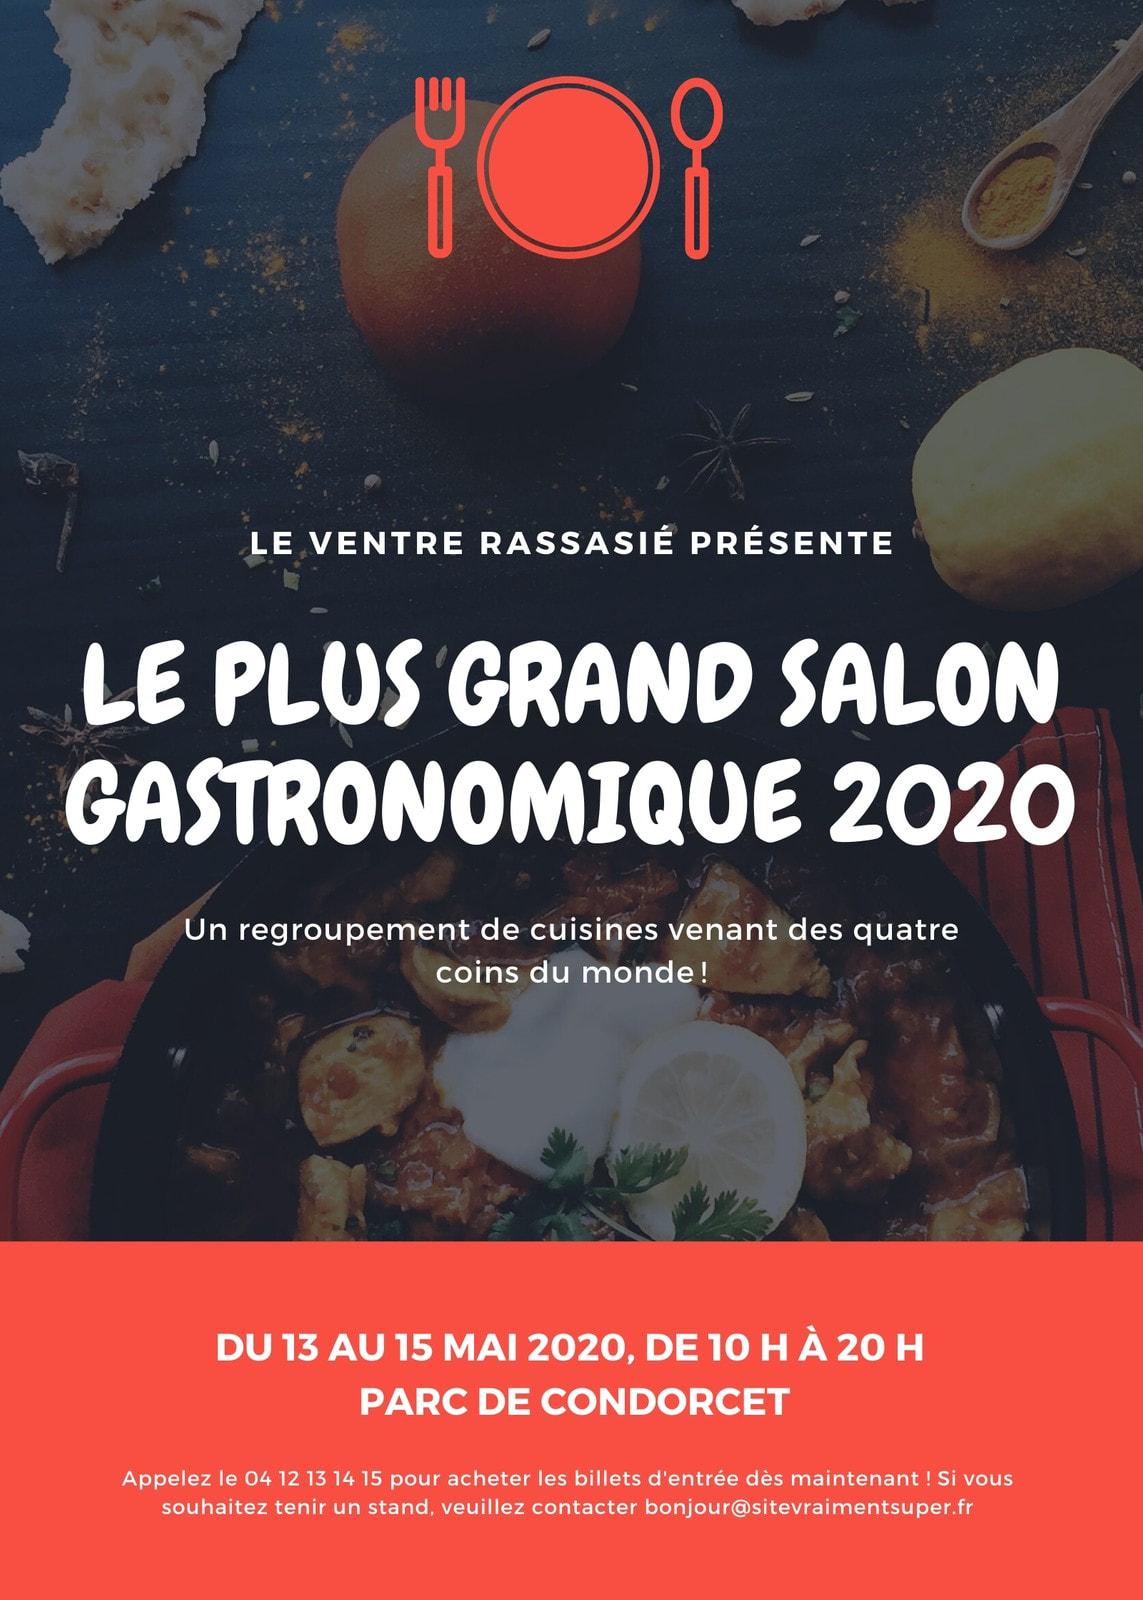 Rouge gastronomique salon flyer